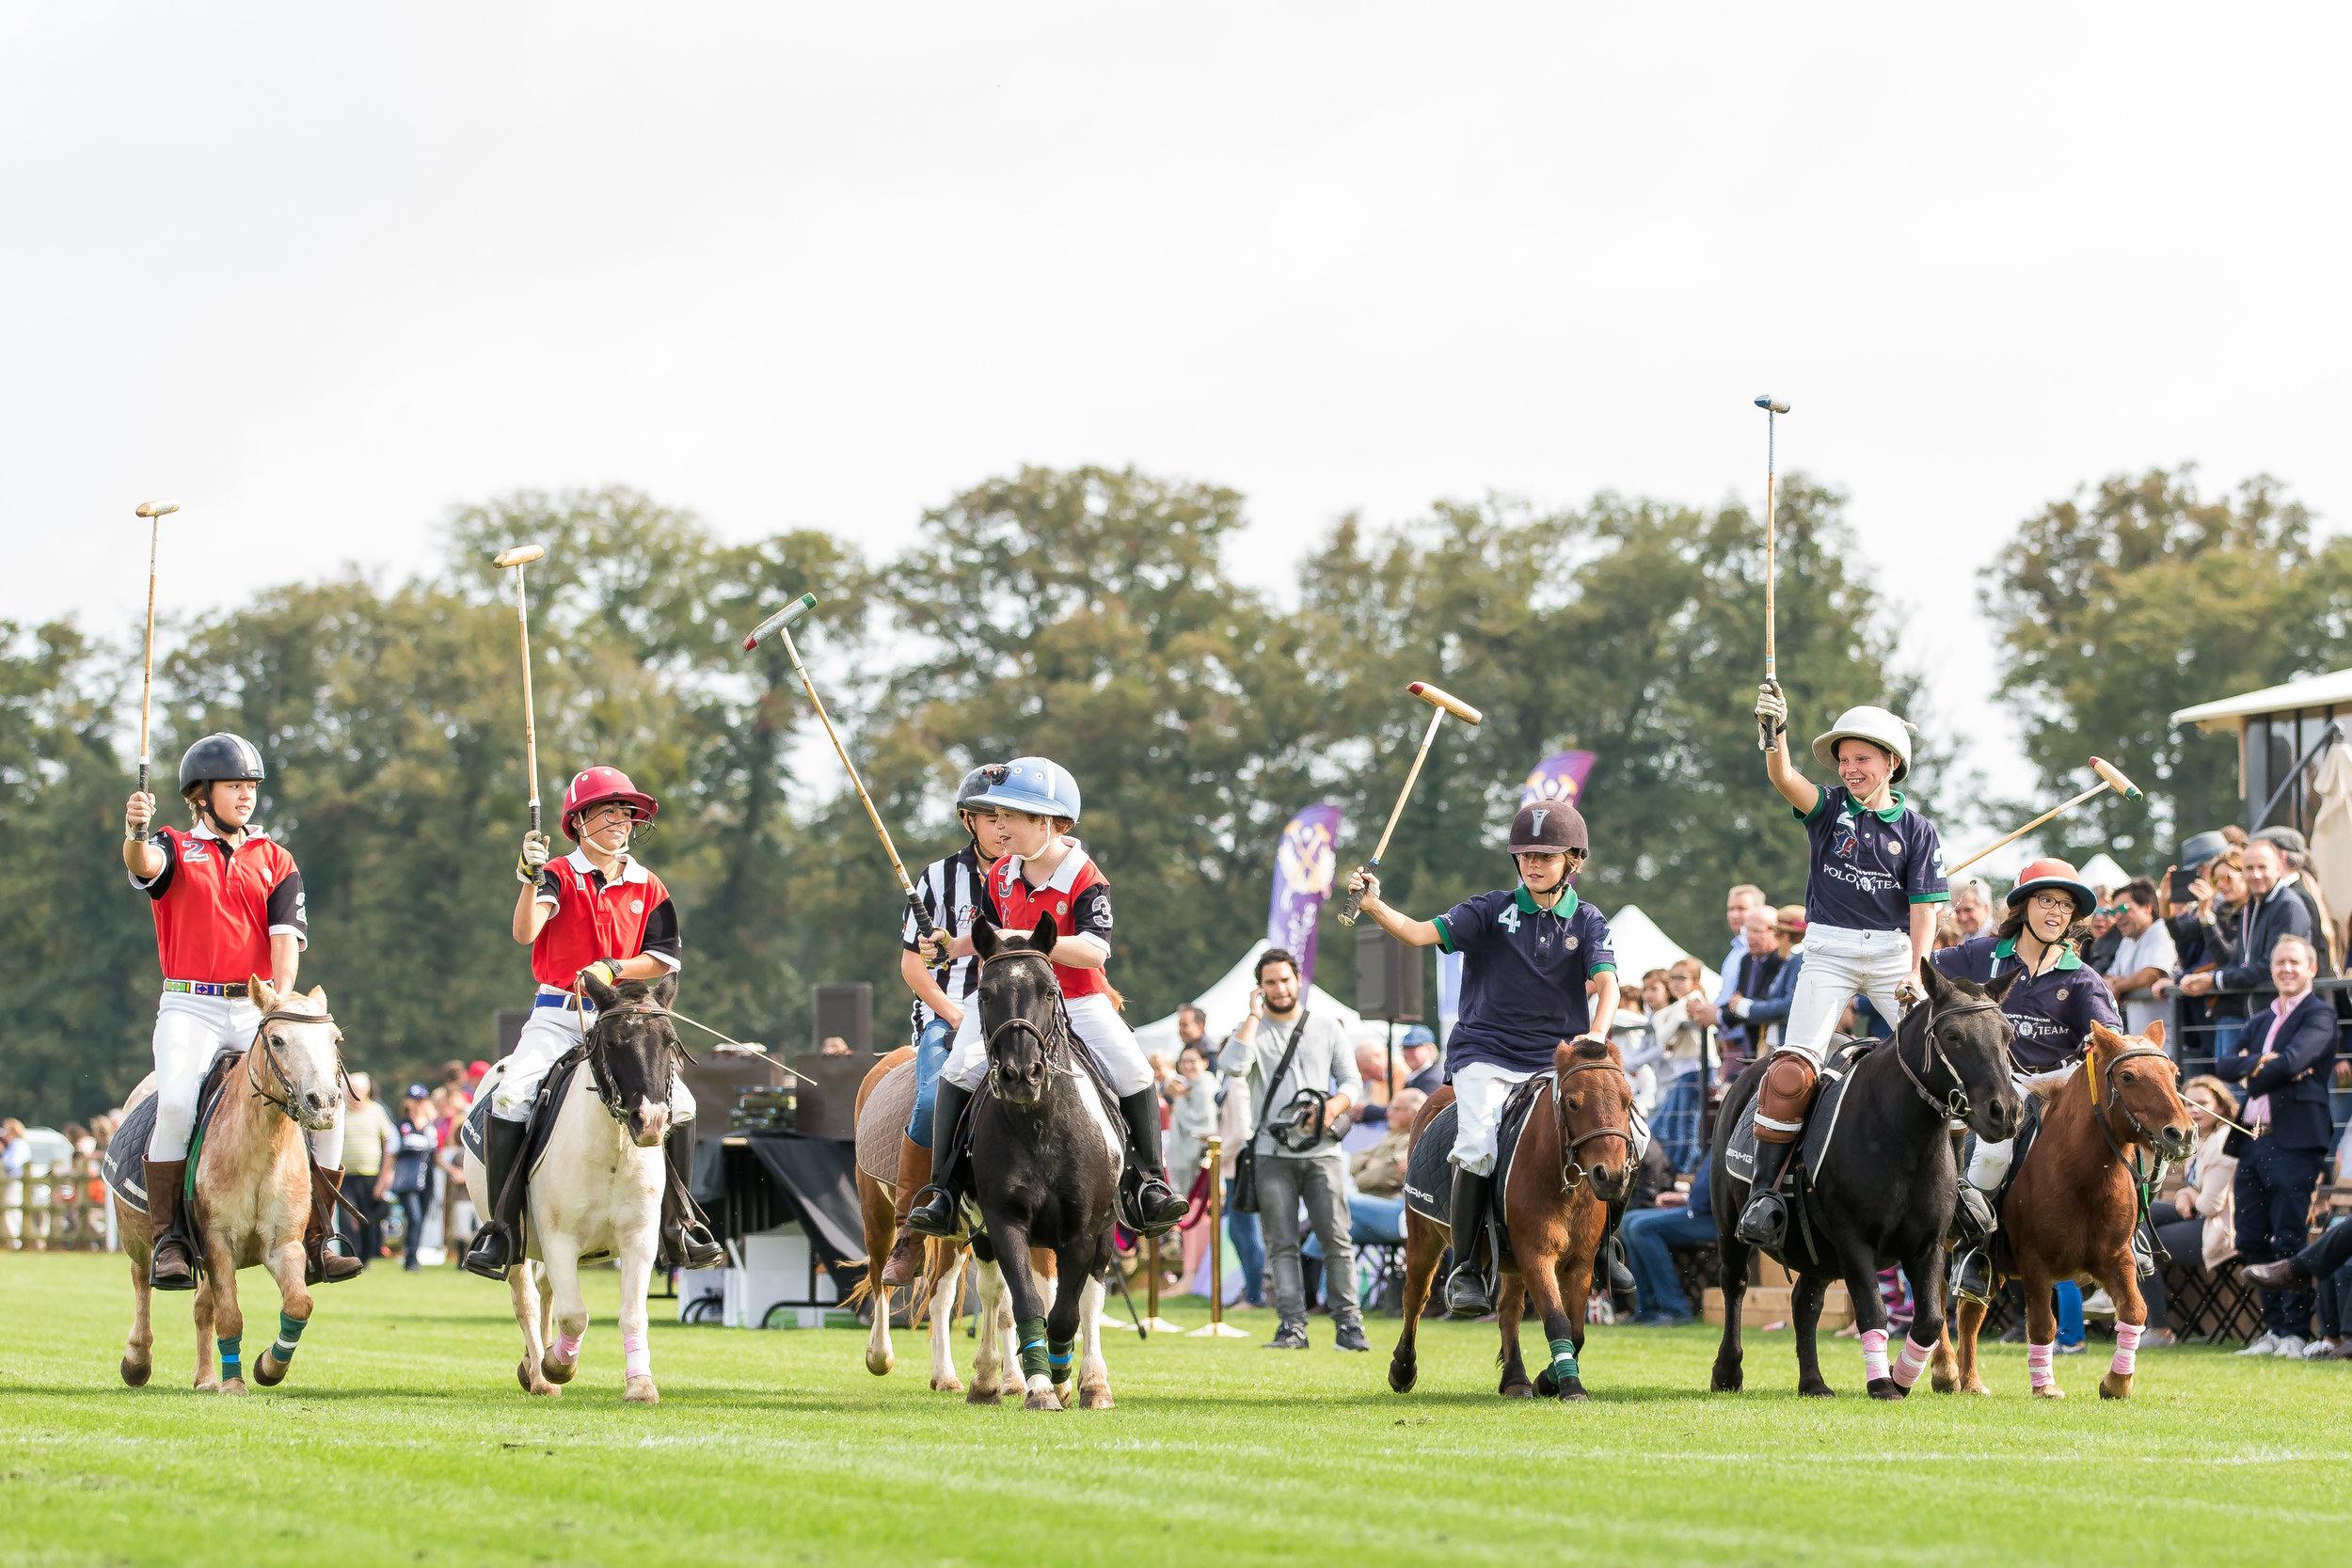 Match de poney polo au Polo Club du Domain de Chantilly  Kids polo game at Chantilly Polo Club